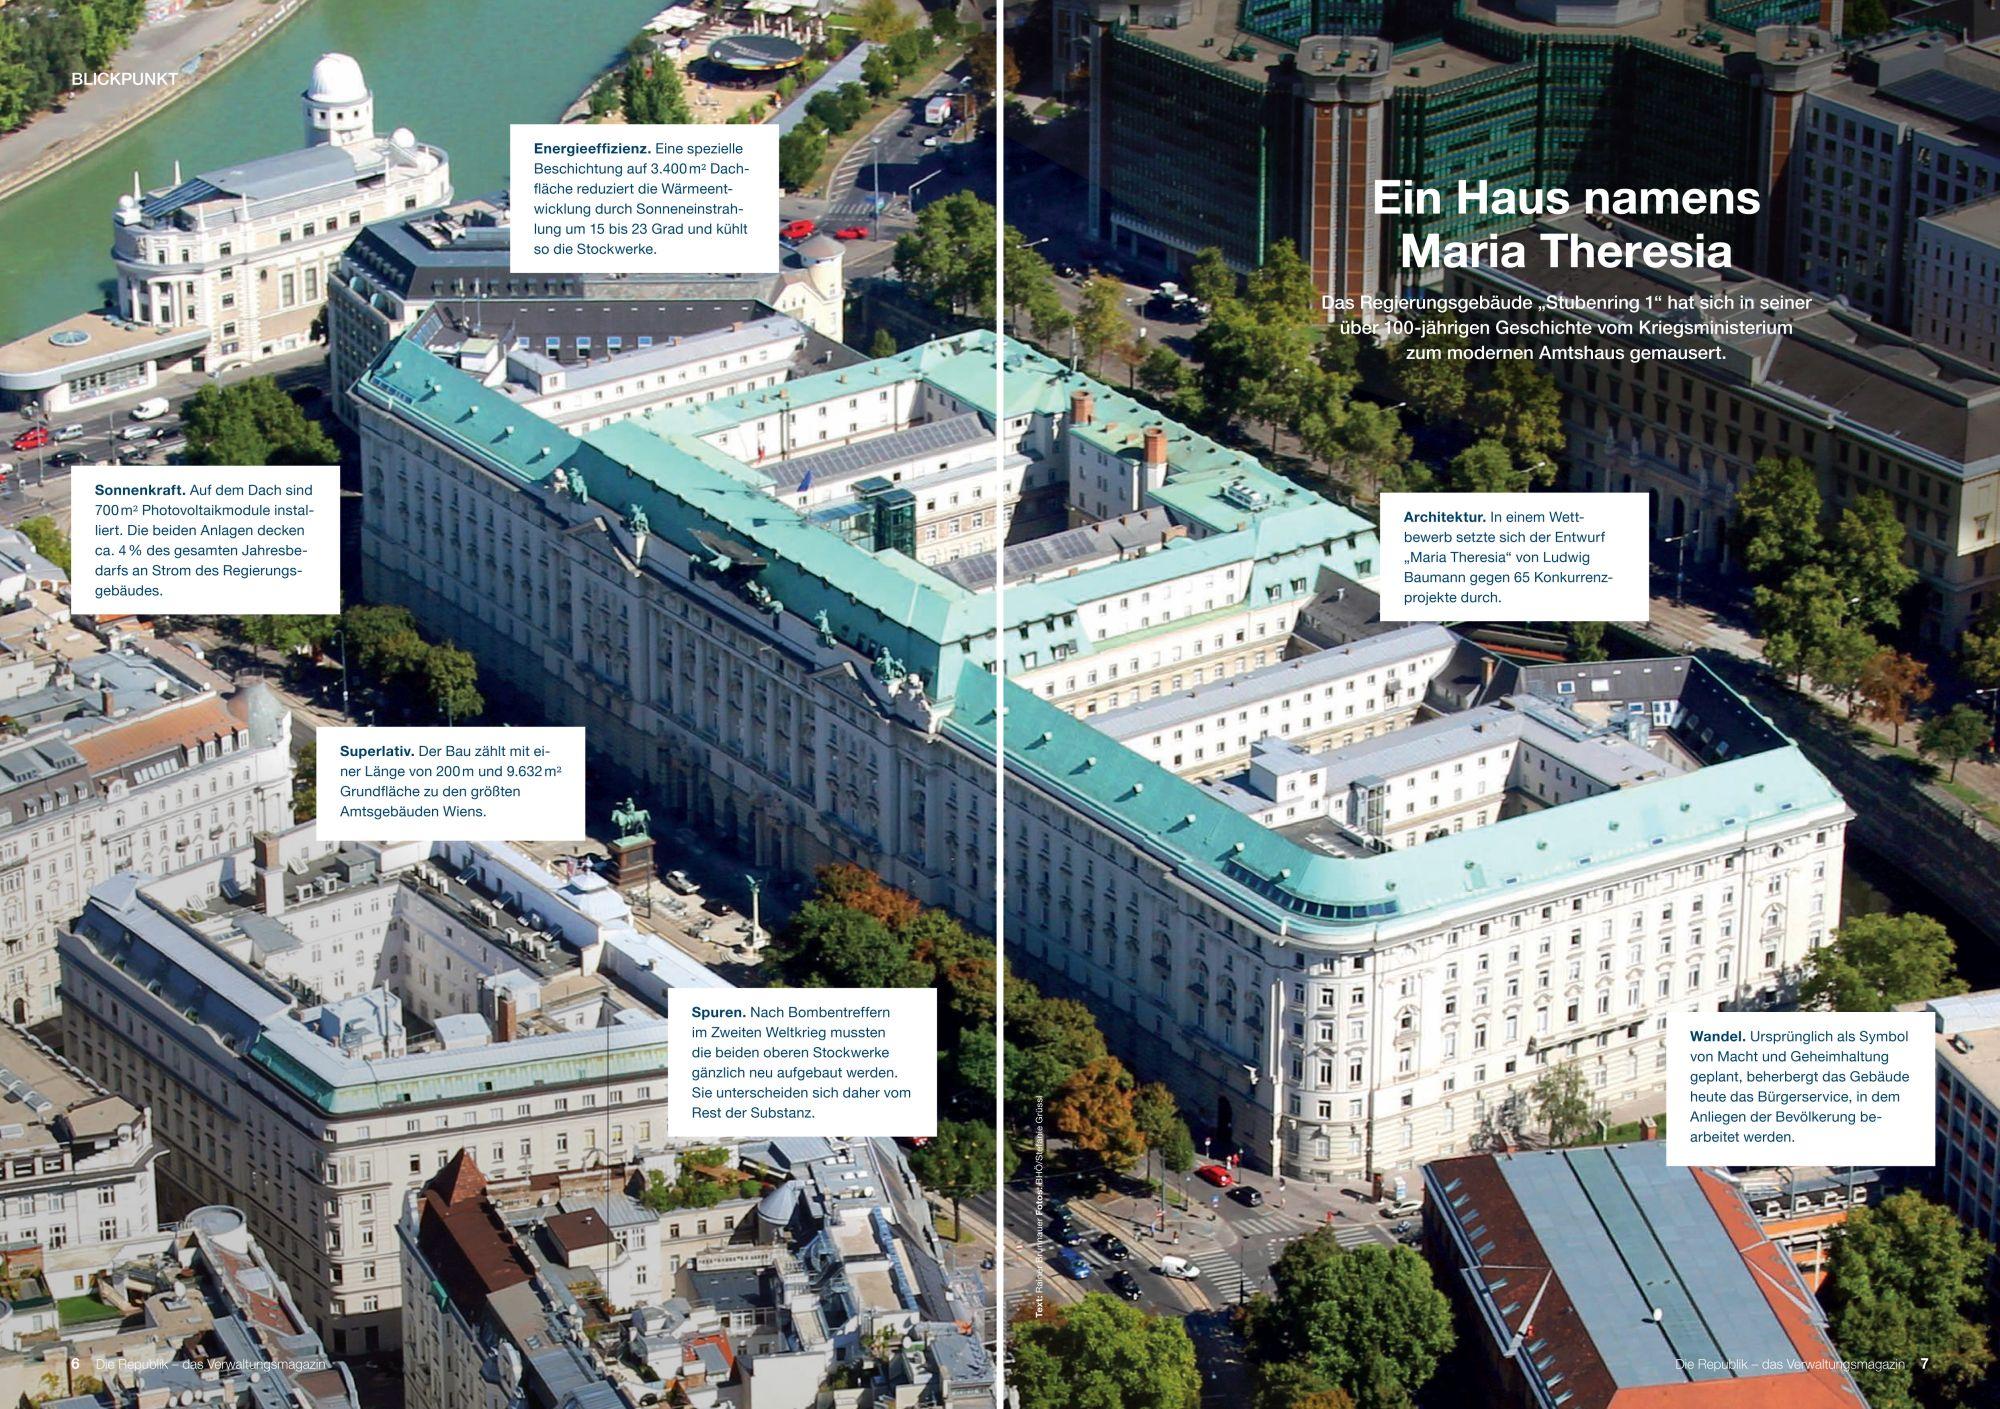 Luftbild © Stefanie Grüssl / BHÖ / Mit Dank an die BMI-Flugpolizei